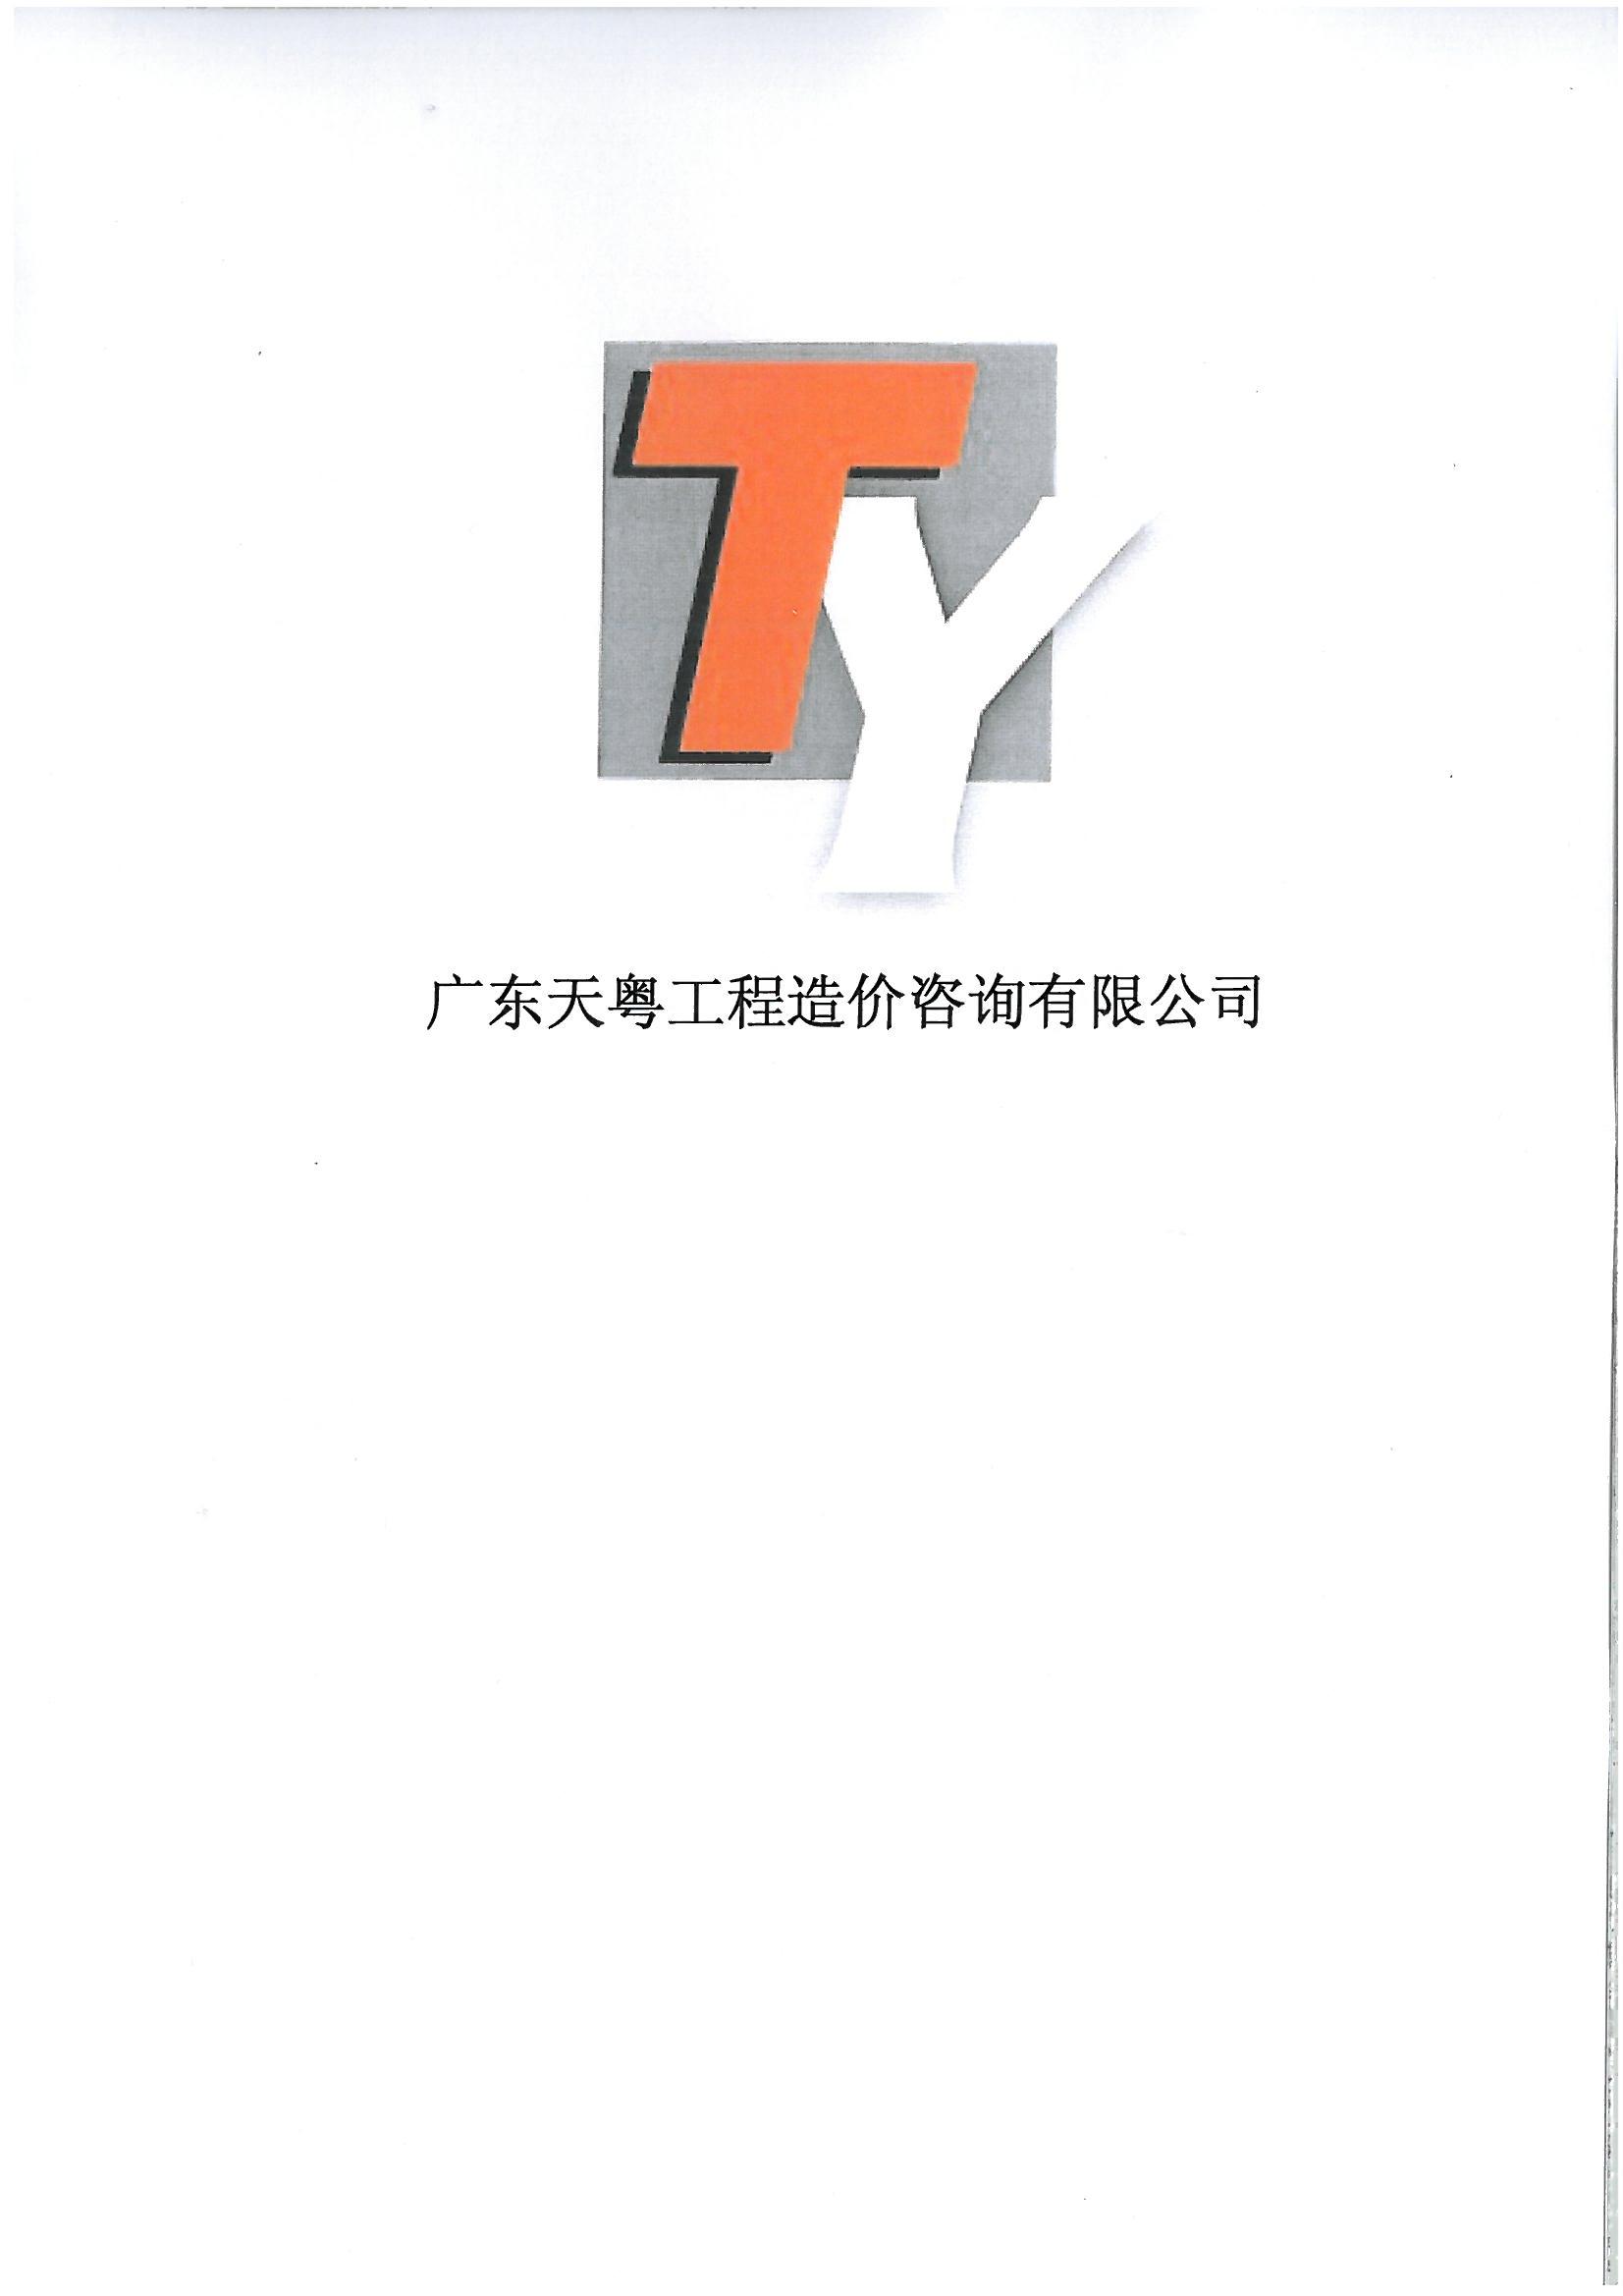 廣東天粵工程造價咨詢有限公司最新招聘信息